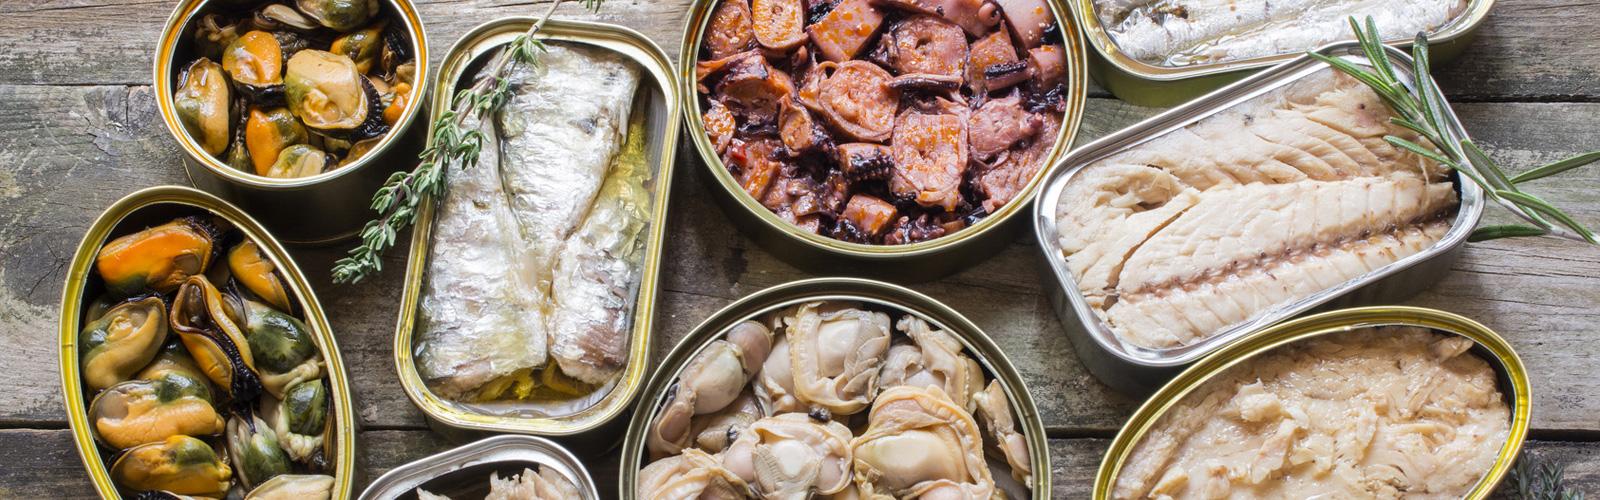 Salazones y conservas - Pescados y Mariscos Angelito